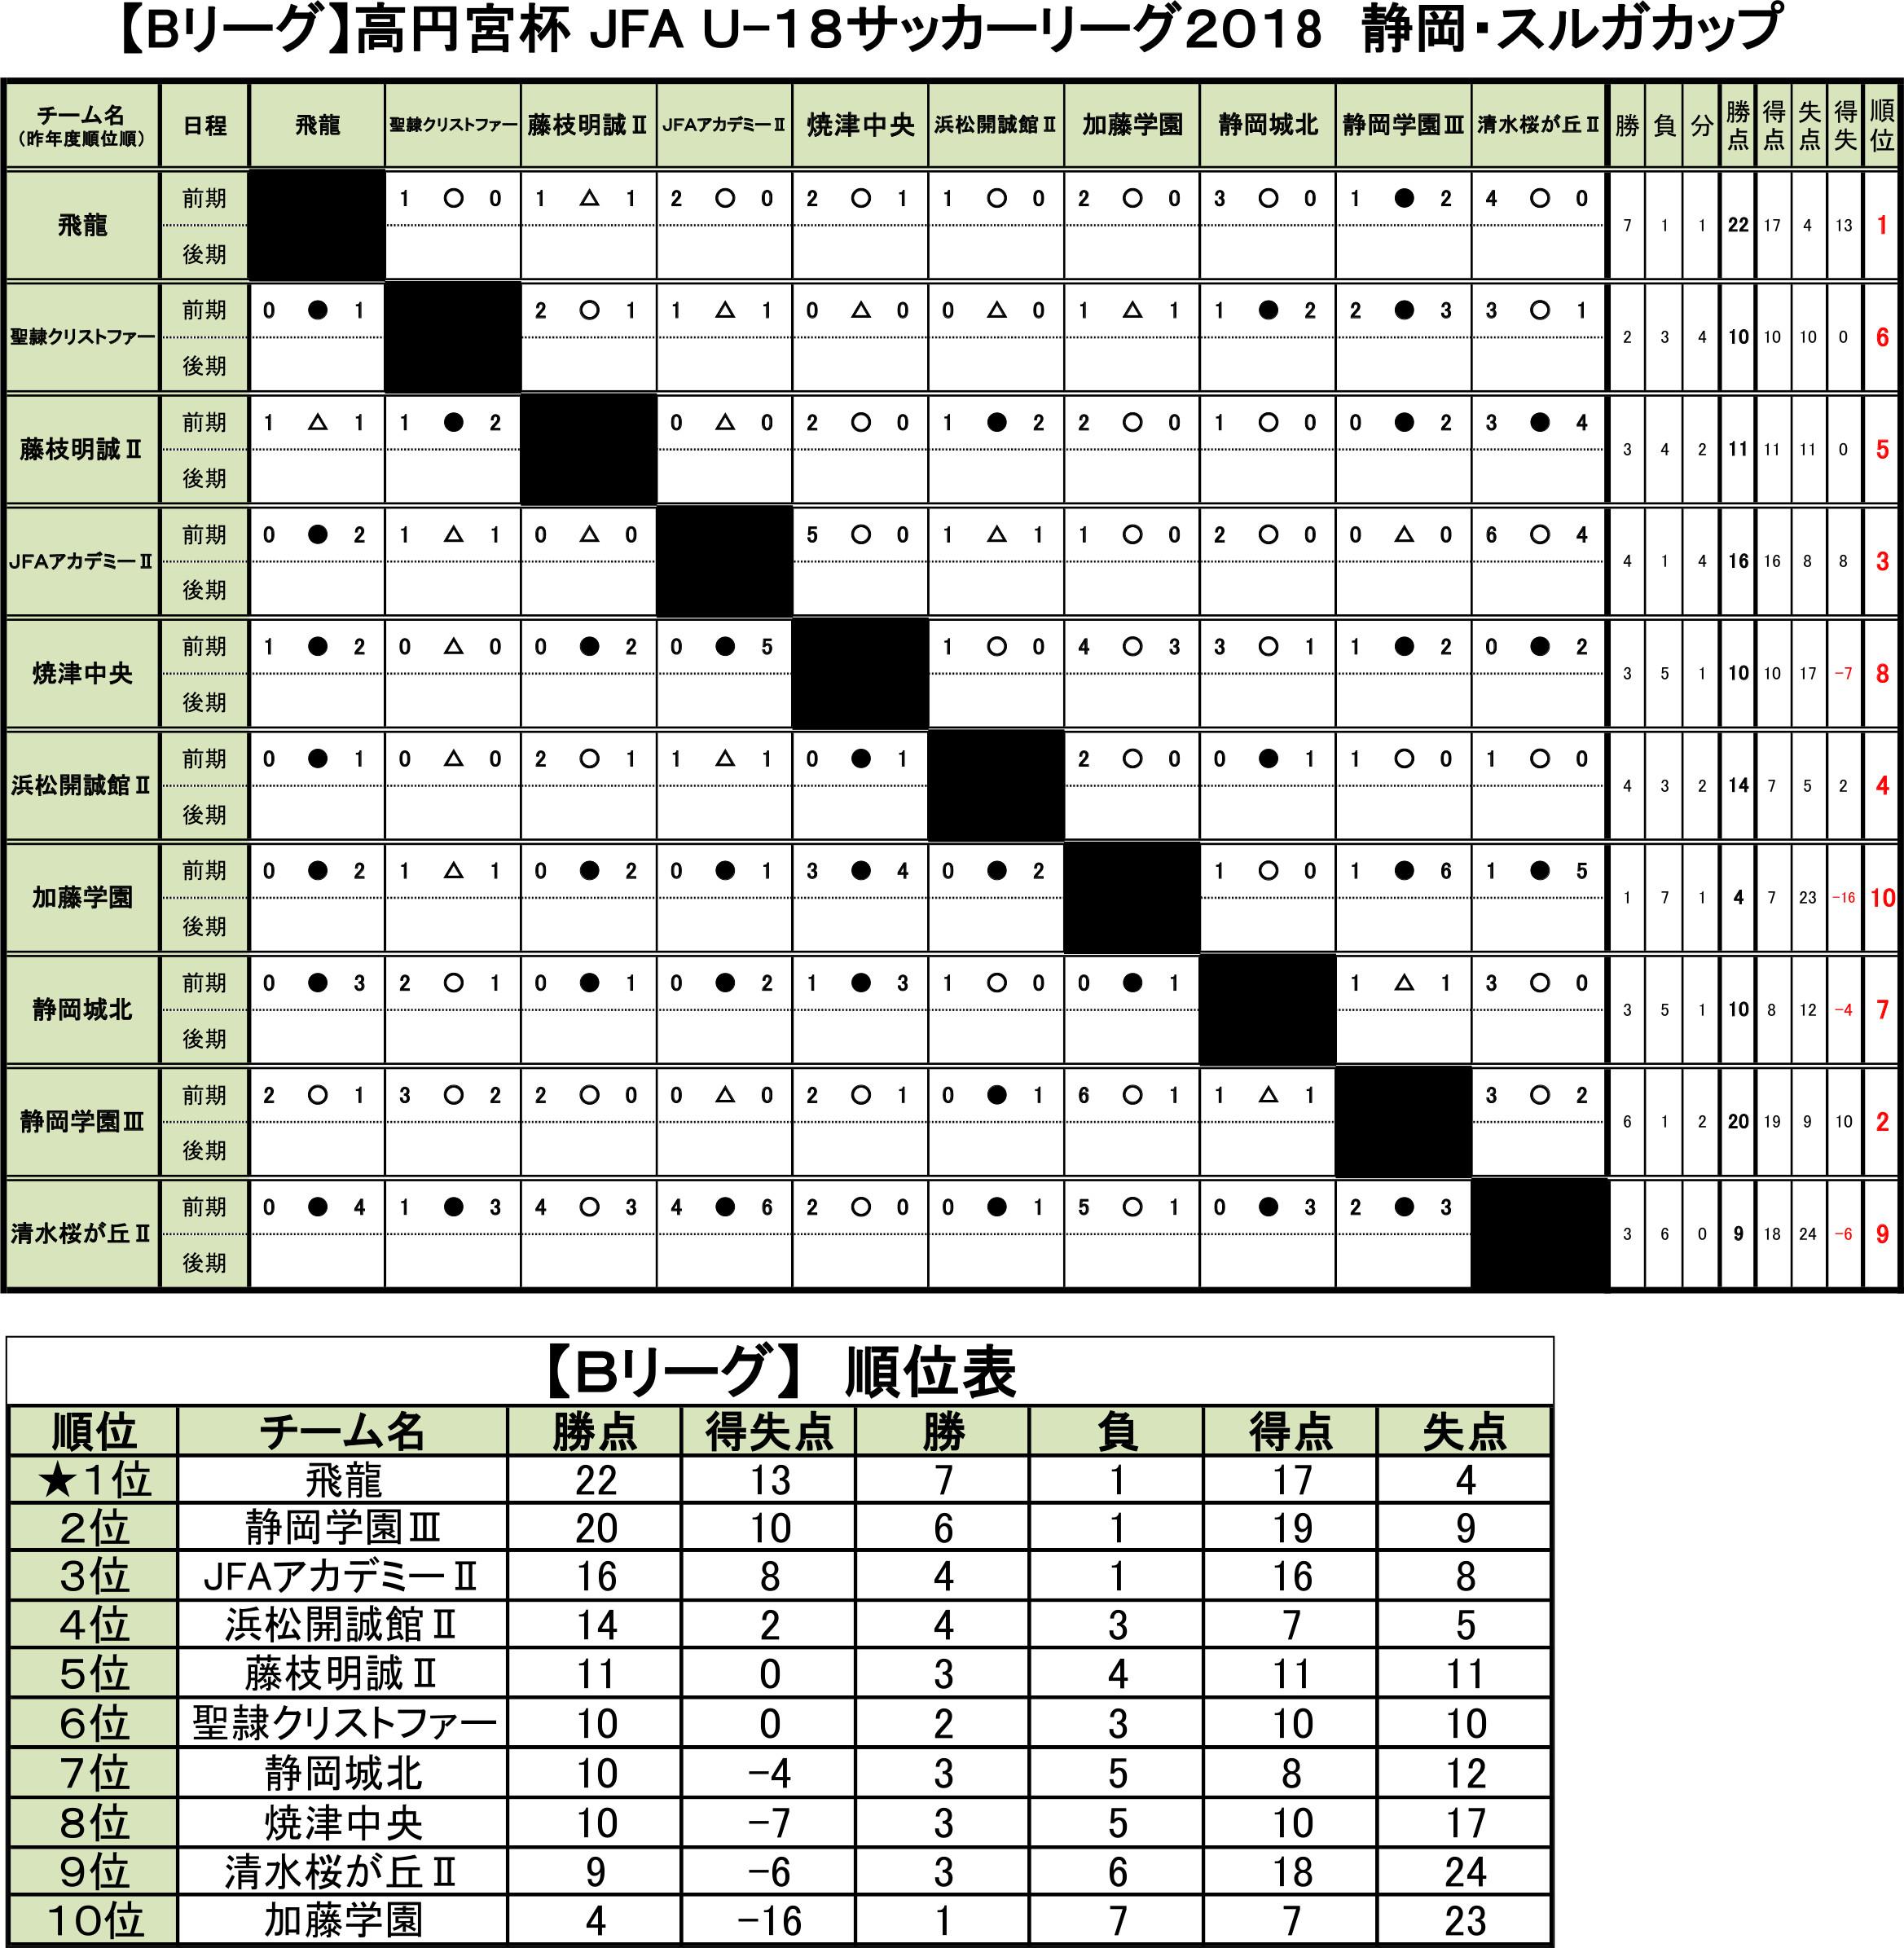 高円宮杯 JFA U-18サッカーリーグ2018静岡・スルガカップ Bリーグ前期  トーナメント表